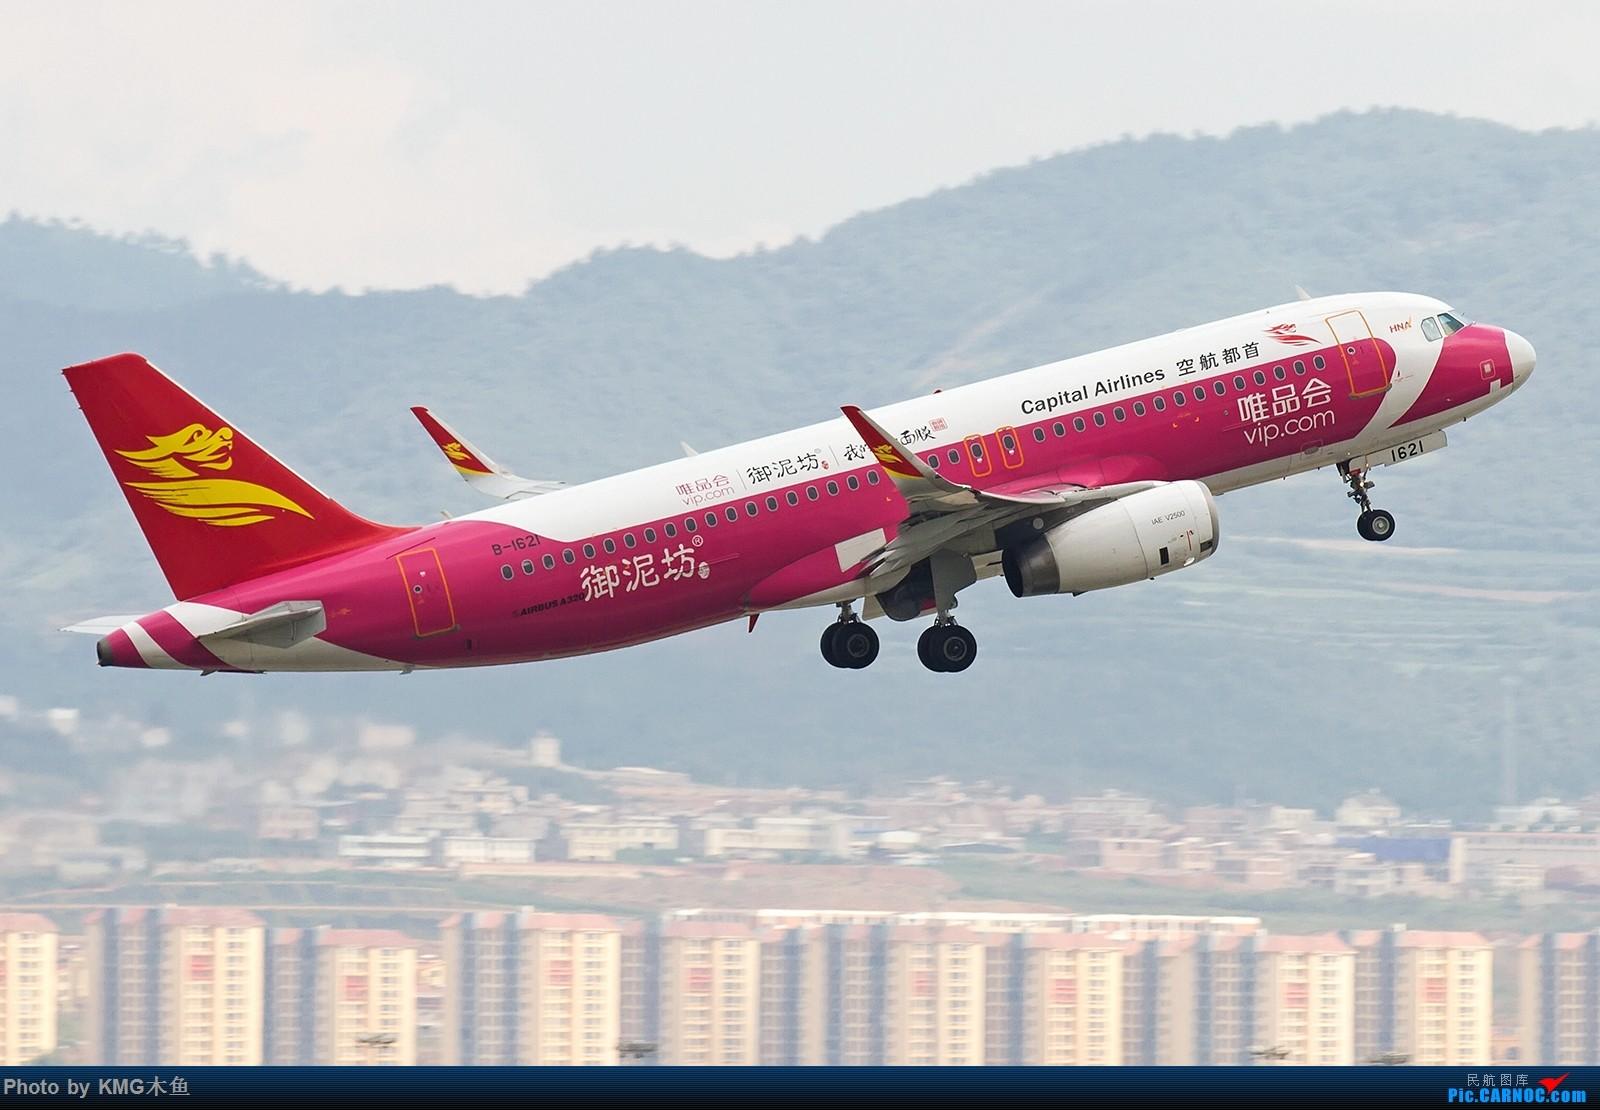 Re:[原创]【昆明长水国际机场——KMG木鱼拍机】第一次大中午的拍飞机,还好宽体比较多,也算是值得了 AIRBUS A320-200 B-1621 中国昆明长水国际机场